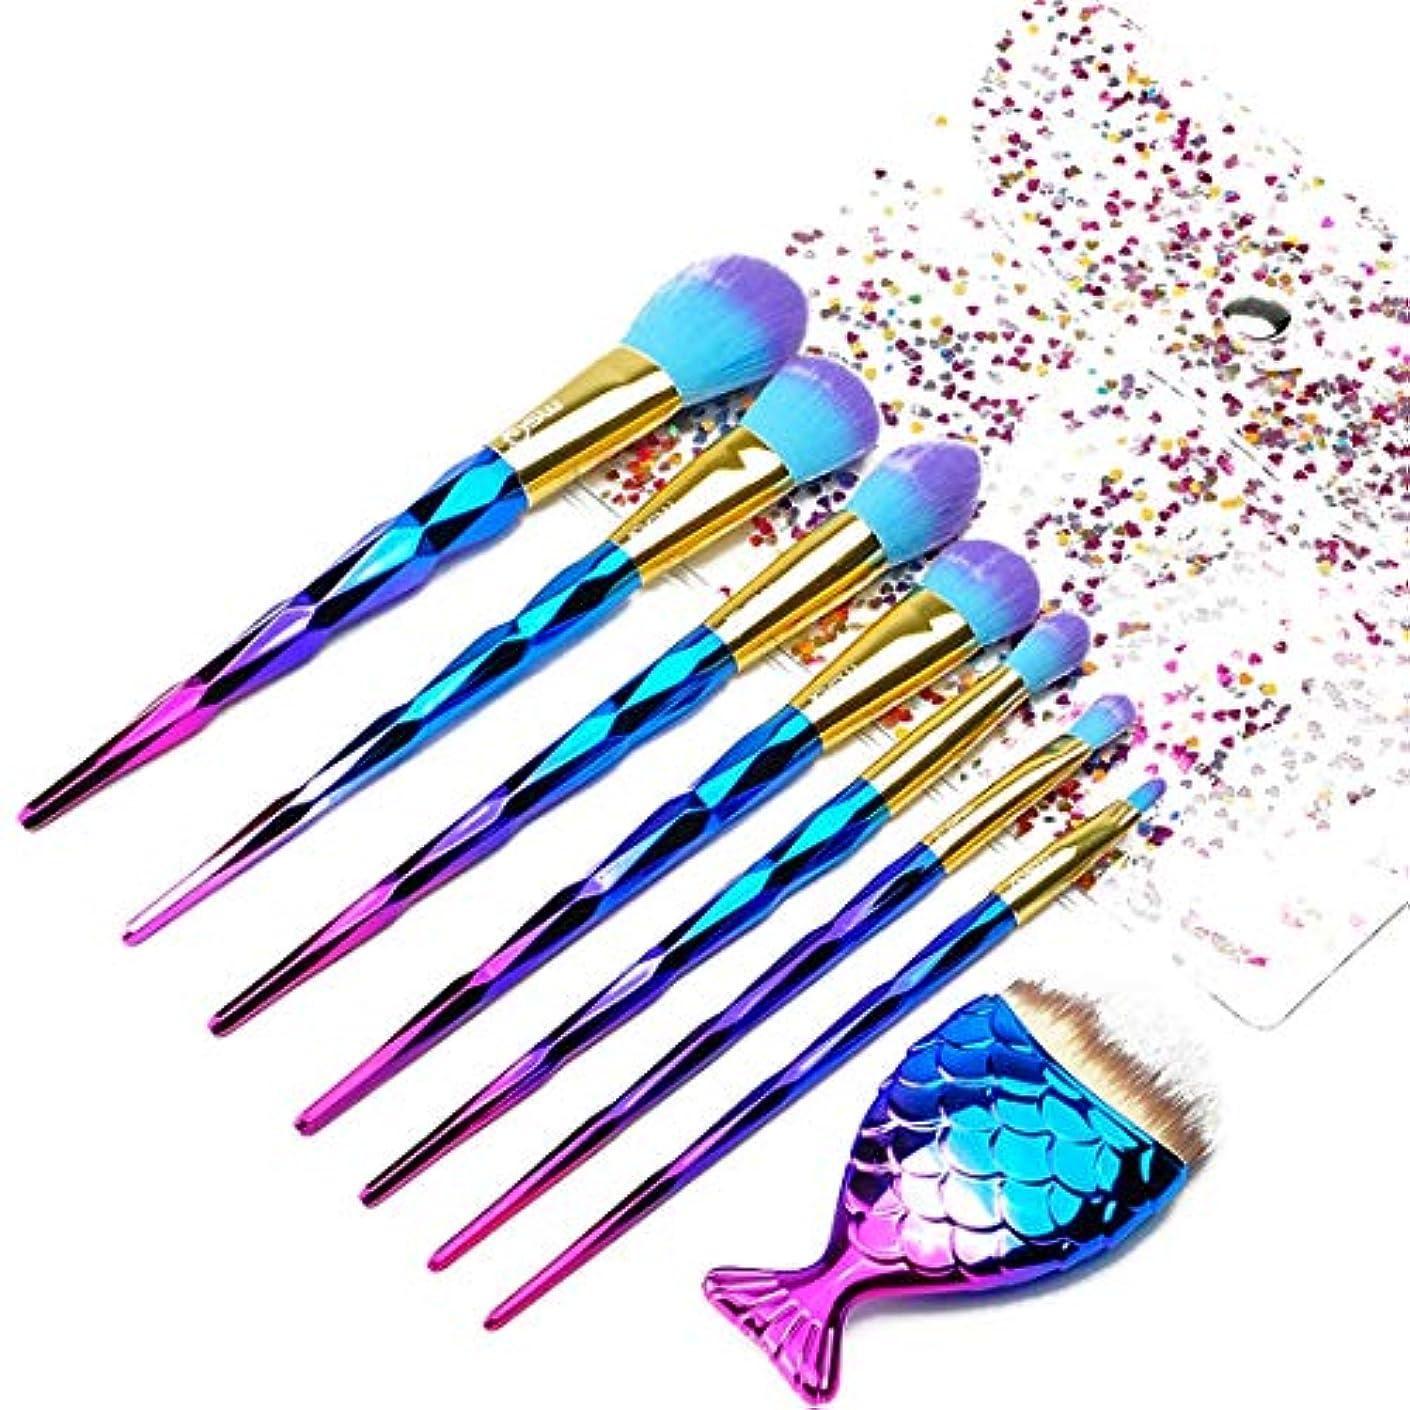 変更散歩に行くあなたは辽阳世纪电子产品贸易中心 FUYZBメイクブラシ、Angelabasics 7PCS /セットメイクアップブラシファンデーションアイシャドーブラッシャーパウダーブレンド化粧ブラシメイクブラシセット (色 : Gradient)